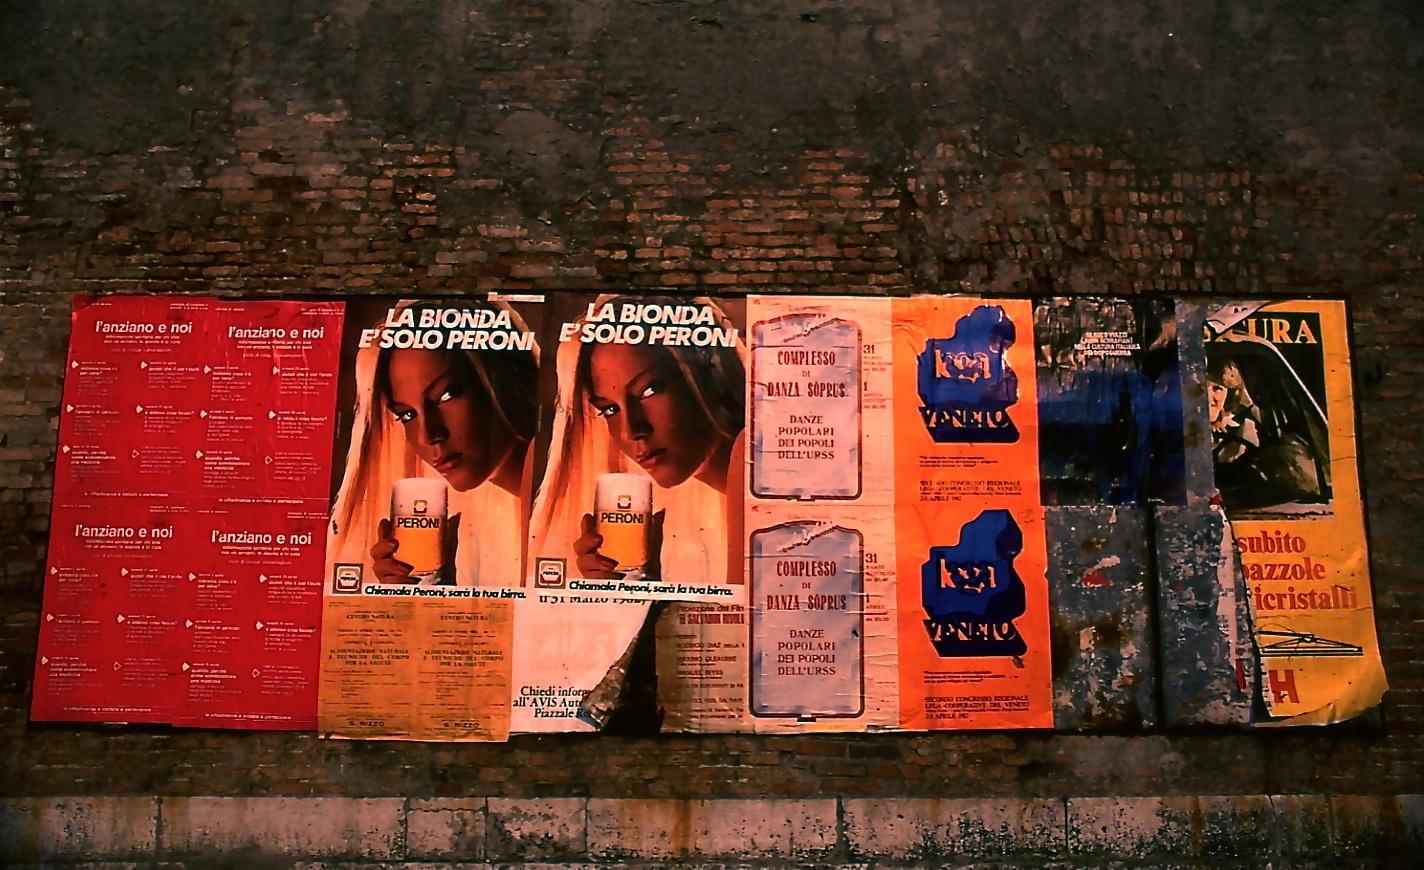 ビールの広告 The advertisement of beer   古壁にモダンな広告がお洒落 ⓒToshihiko Shibano